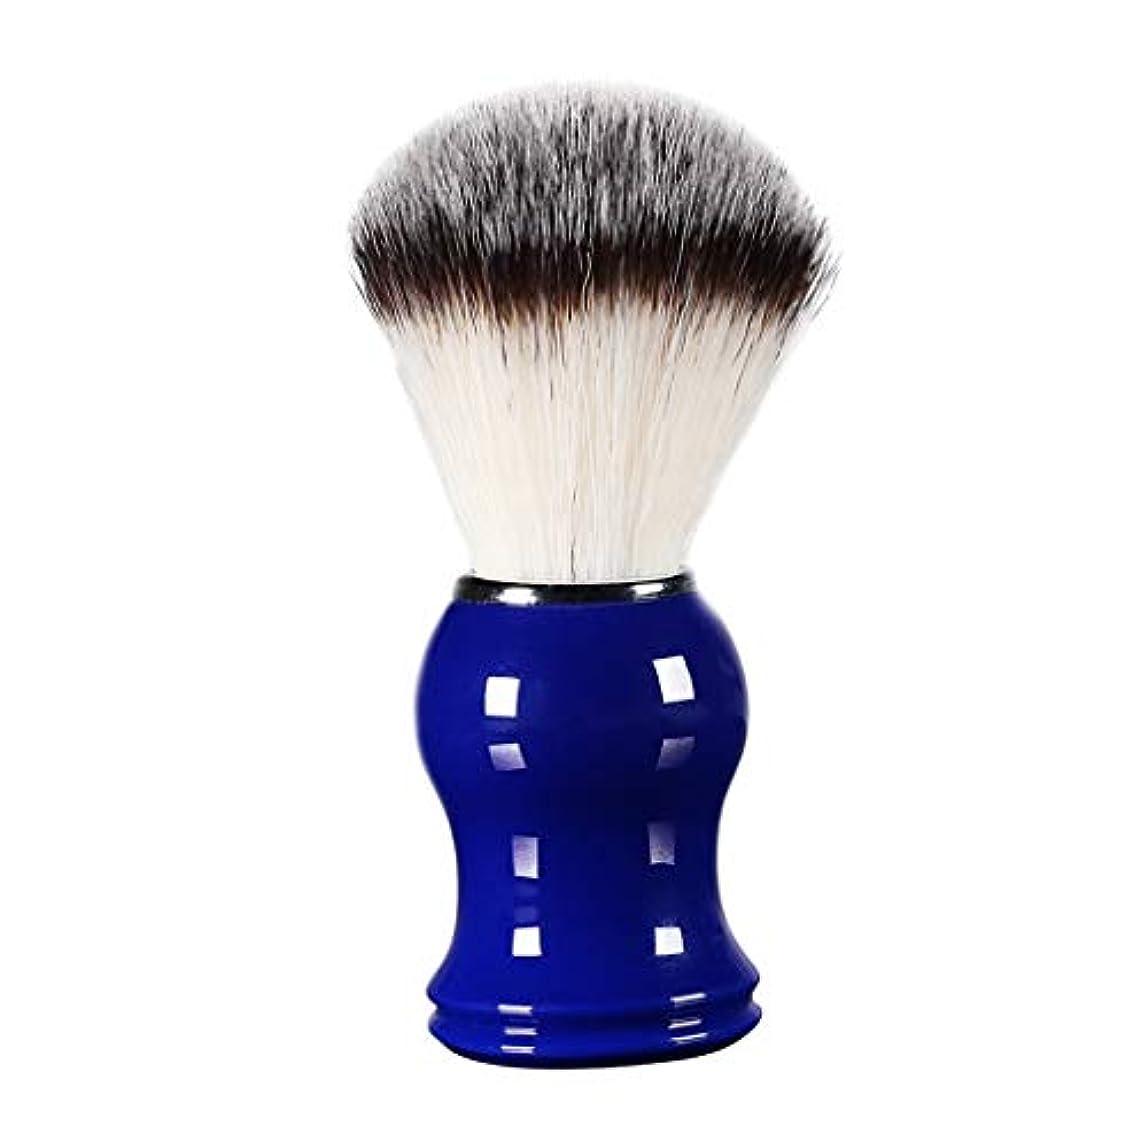 こしょう退化する入浴FLAMEER 床屋 サロン 髭剃り シェービングブラシ メンズ 泡立ち 洗顔 理容 約11cm